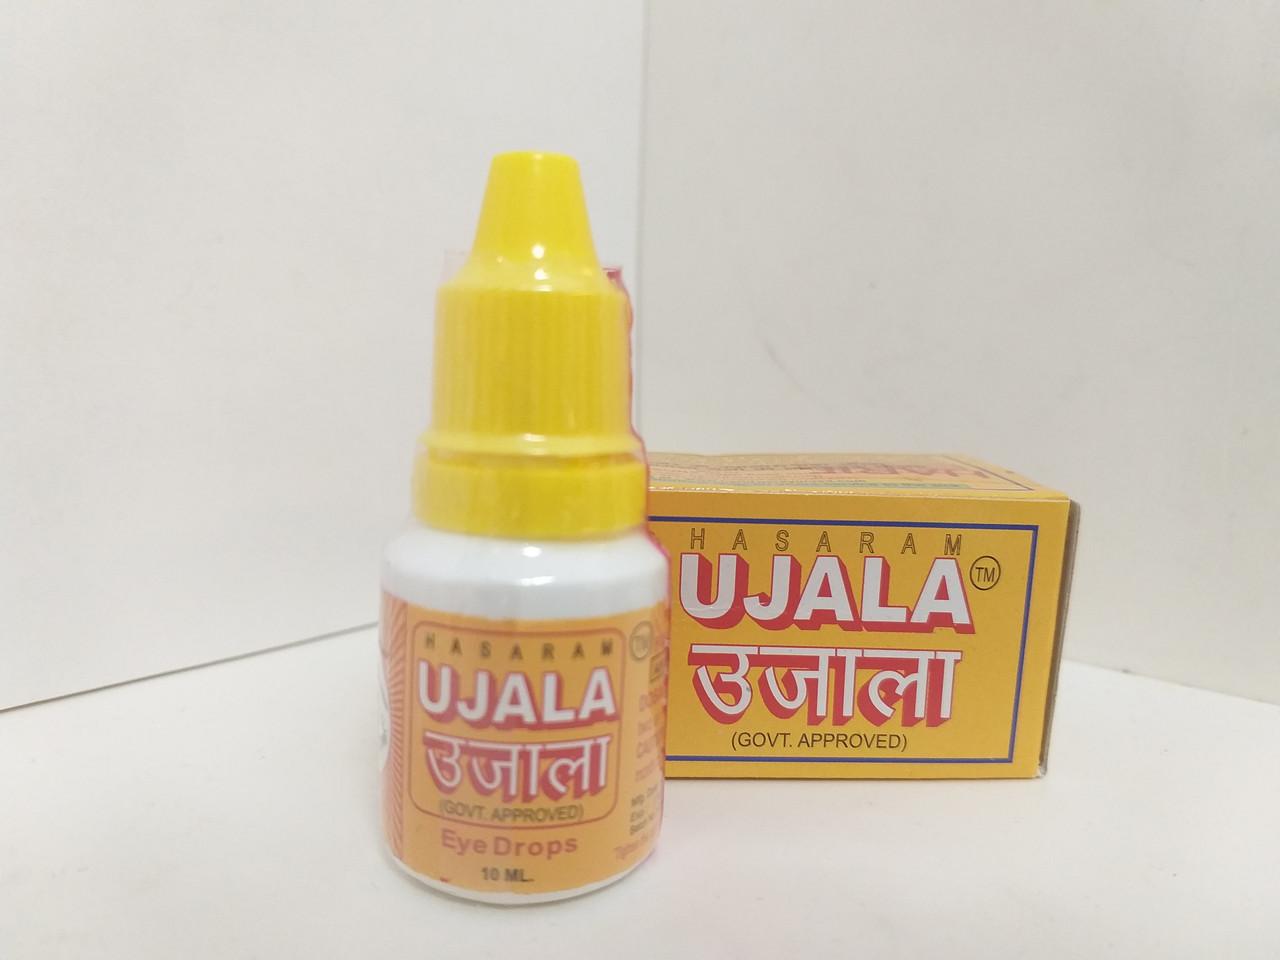 Глазные капли Уджала, Ujala, Hasaram, 10 мл